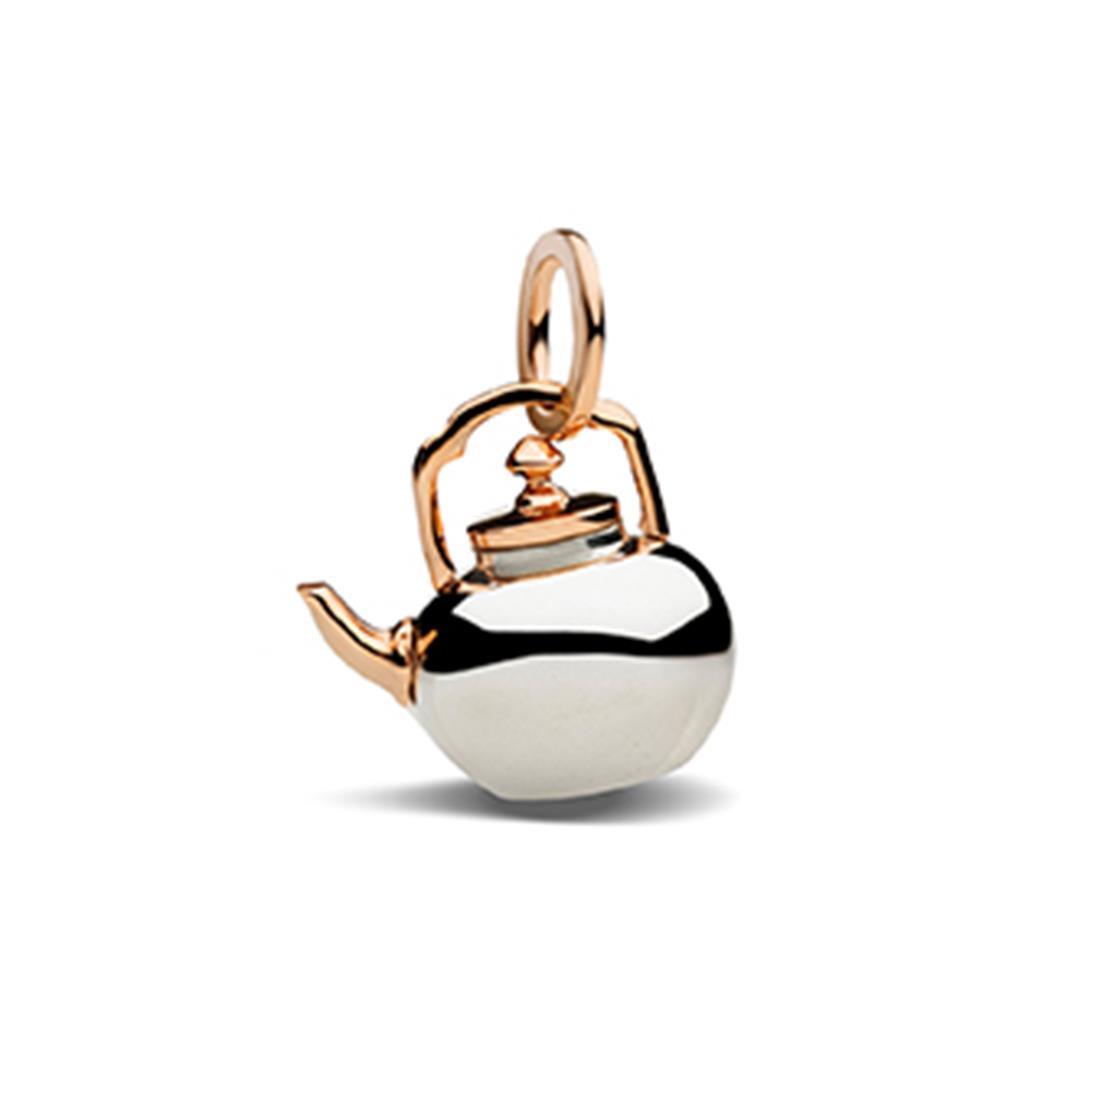 Pendente teiera in argento e oro - POMELLATO